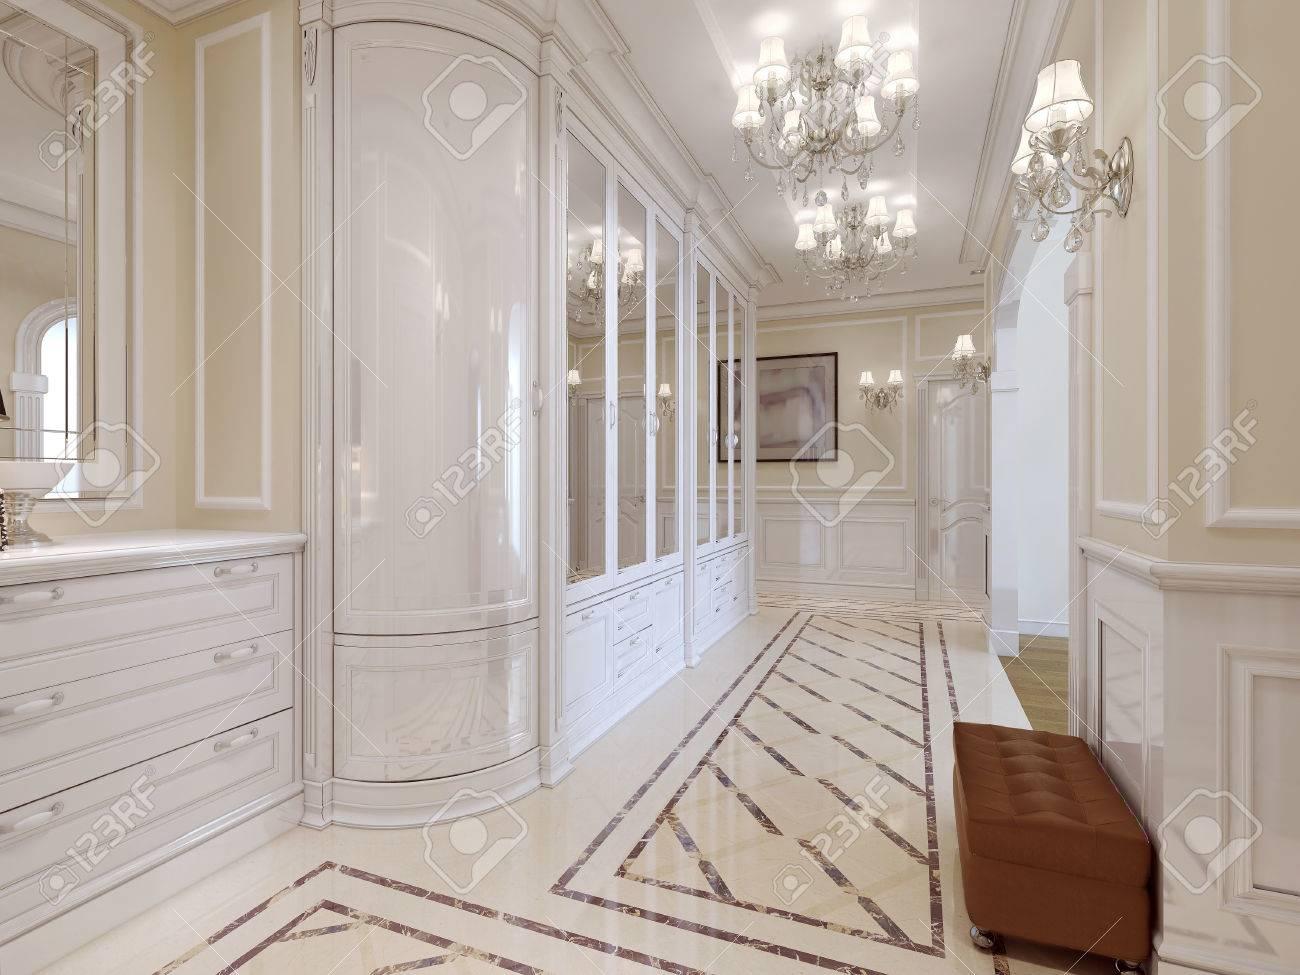 Die Eingangshalle Mit Einem Grossen Weissen Garderobe Mit Spiegel Und